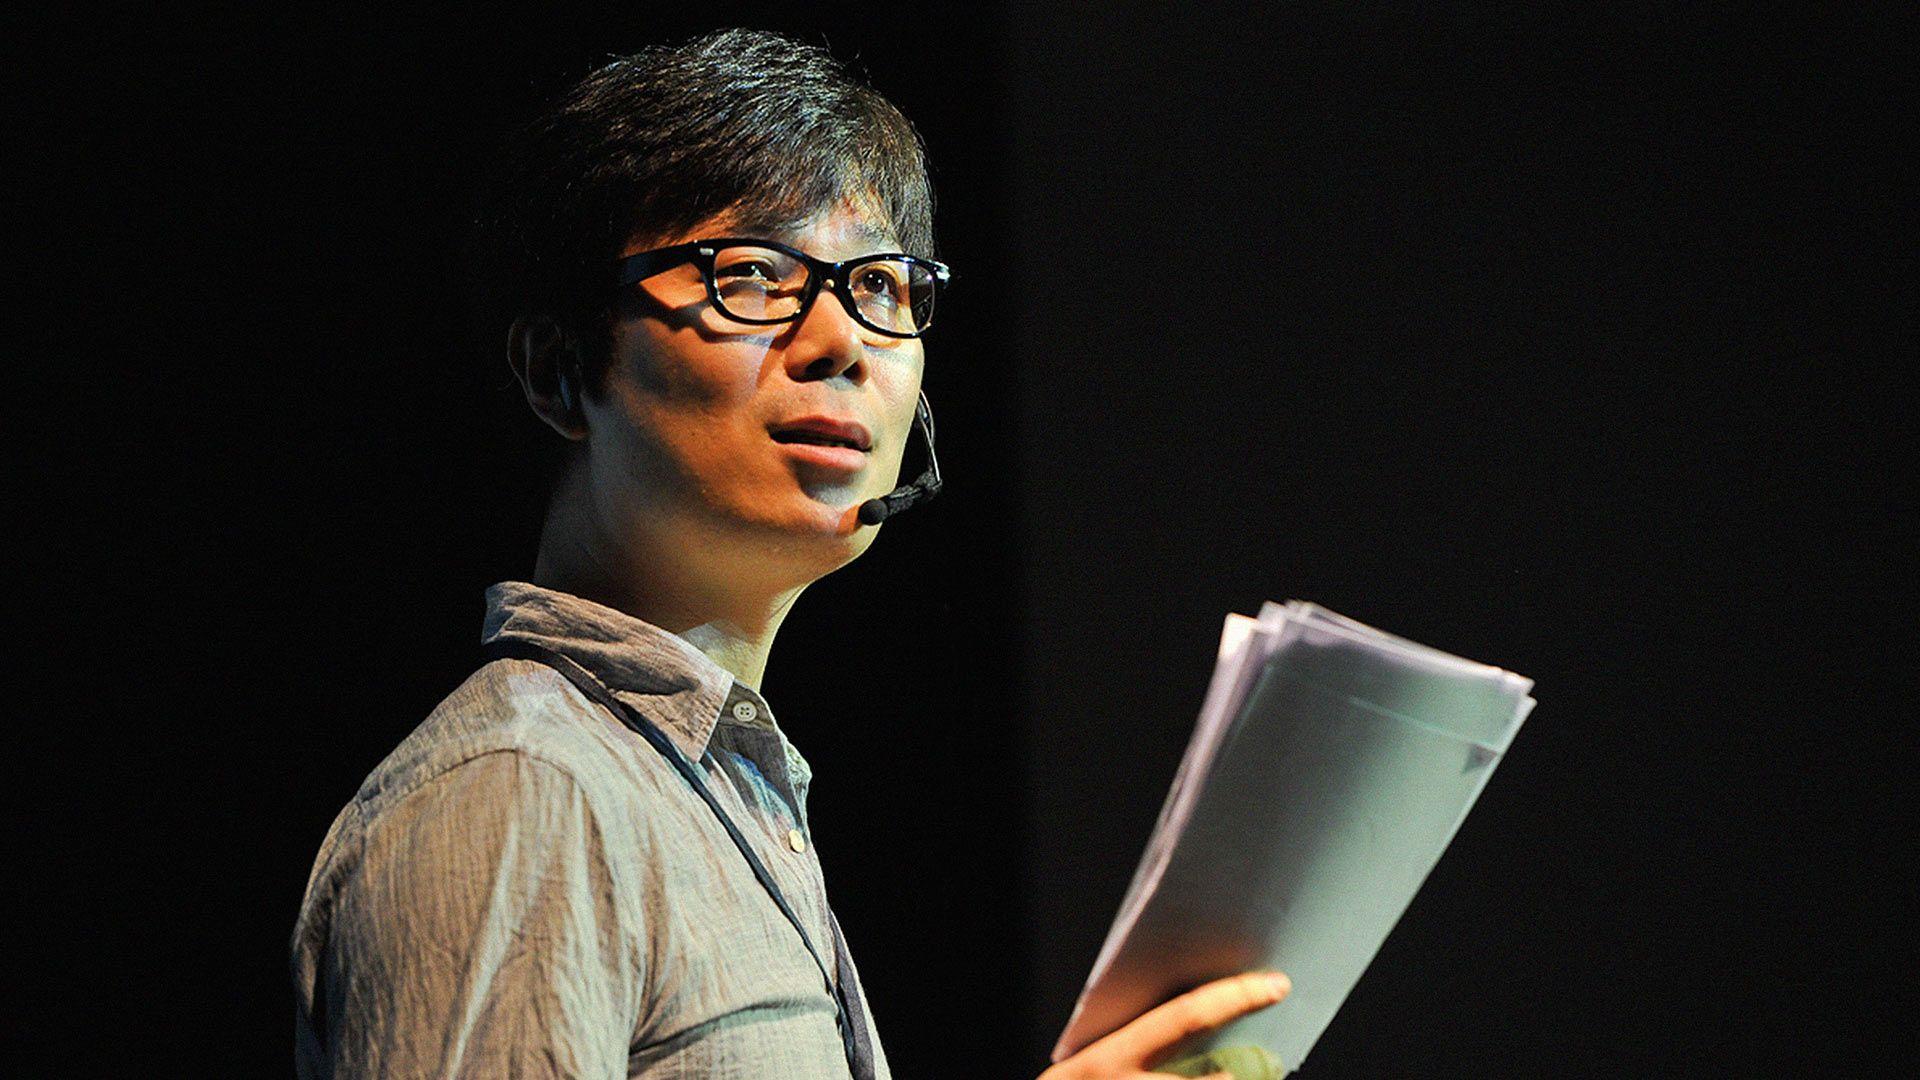 Young-ha Kim: Sé un artista, ¡ahora mismo!  ¿Por qué paramos de jugar y de crear en algún momento? Con encanto y humor, el famoso autor coreano Young-ha Kim invoca a los mejores artistas del mundo para animarlos a desatar al niño que llevan dentro: el artista que quisiera jugar para siempre. (Grabado en TEDxSeúl)